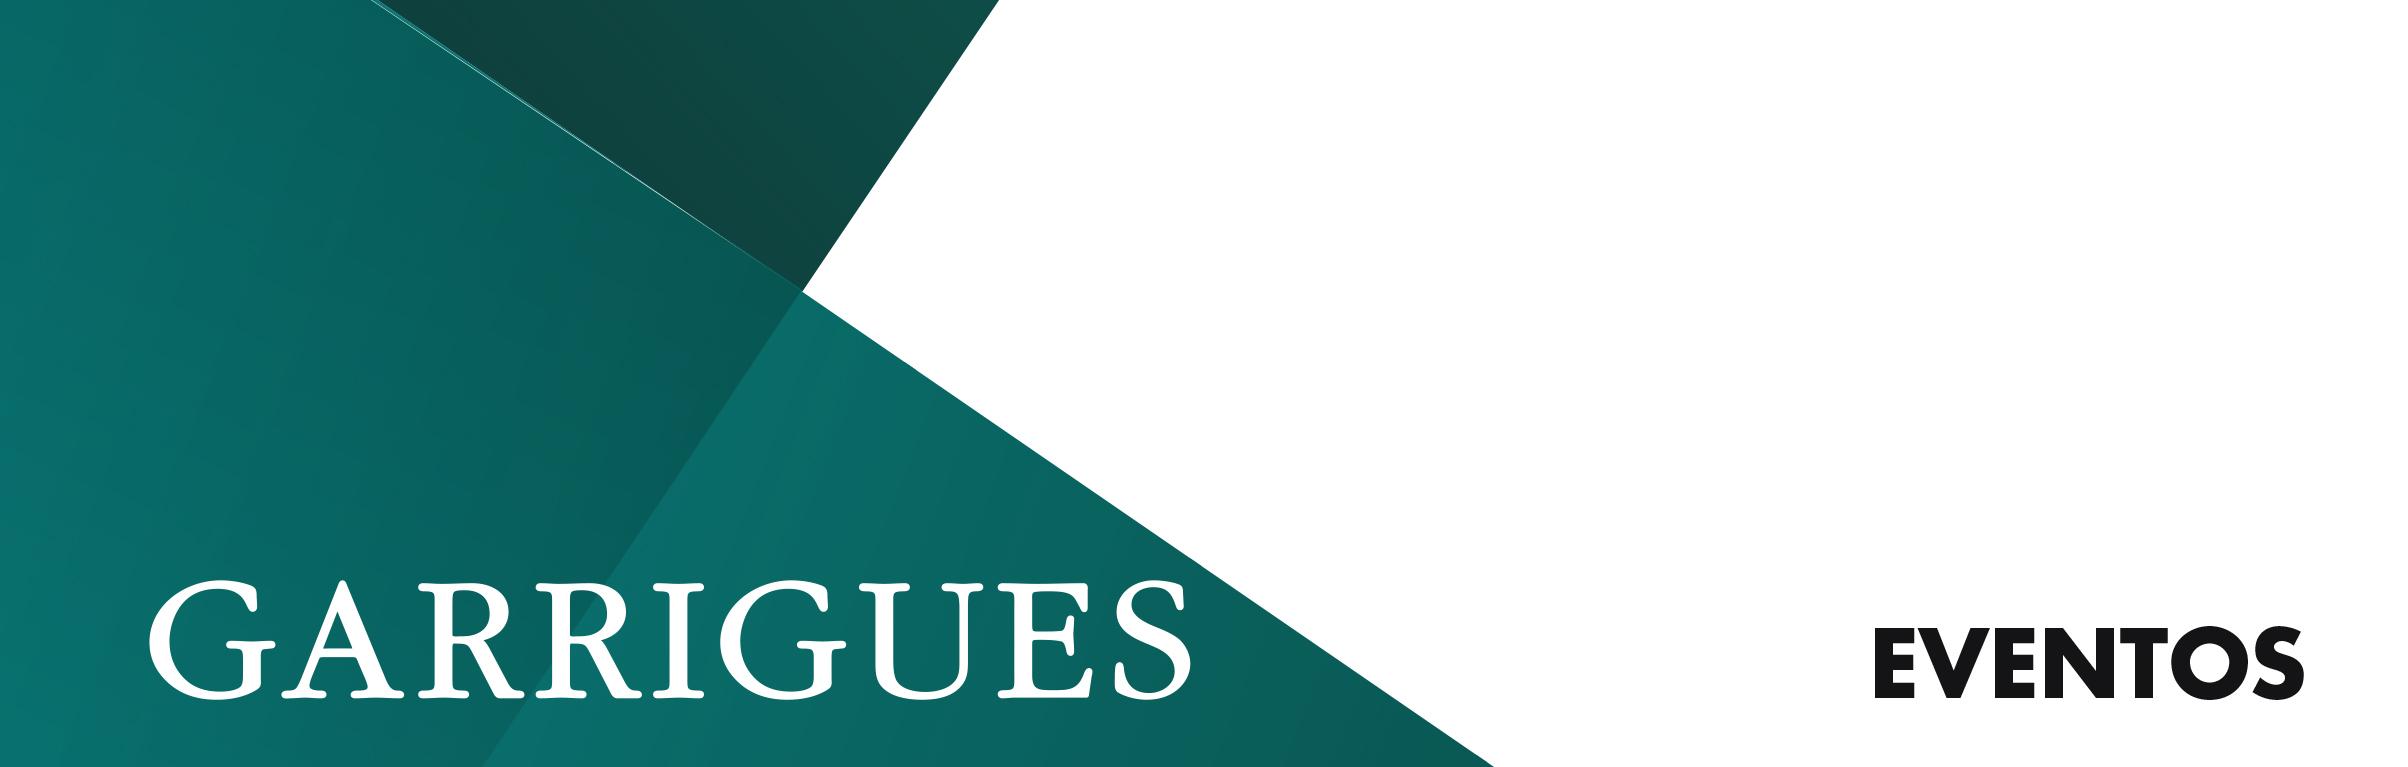 La empresa ante las inspecciones o actuaciones judiciales en el domicilio: buenas prácticas y recomendaciones